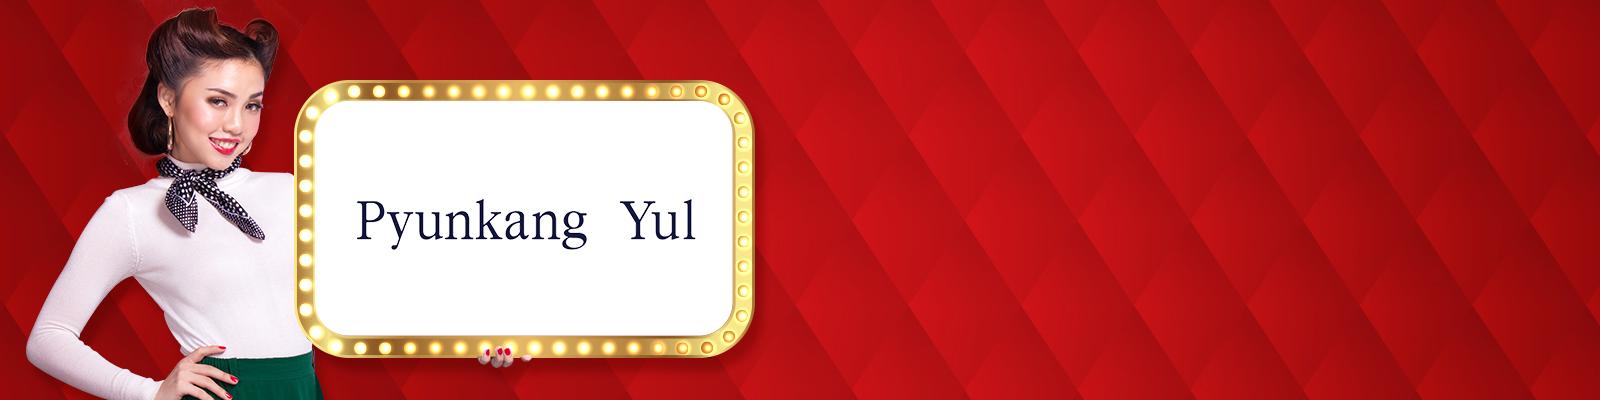 Pyunkang Yul promo